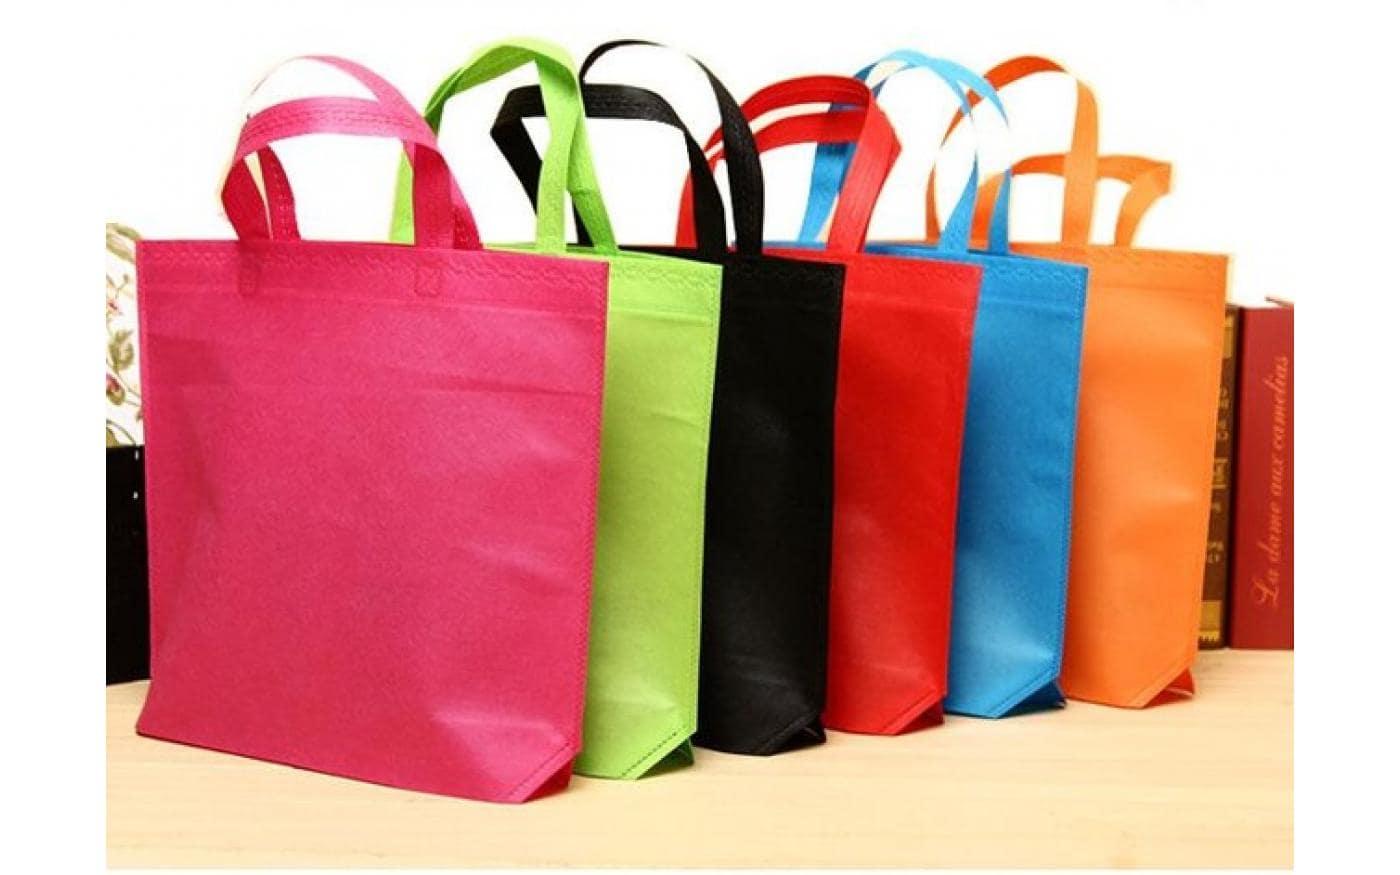 cần học cách sử dụng và bảo quản túi vải không dệt đúng cách